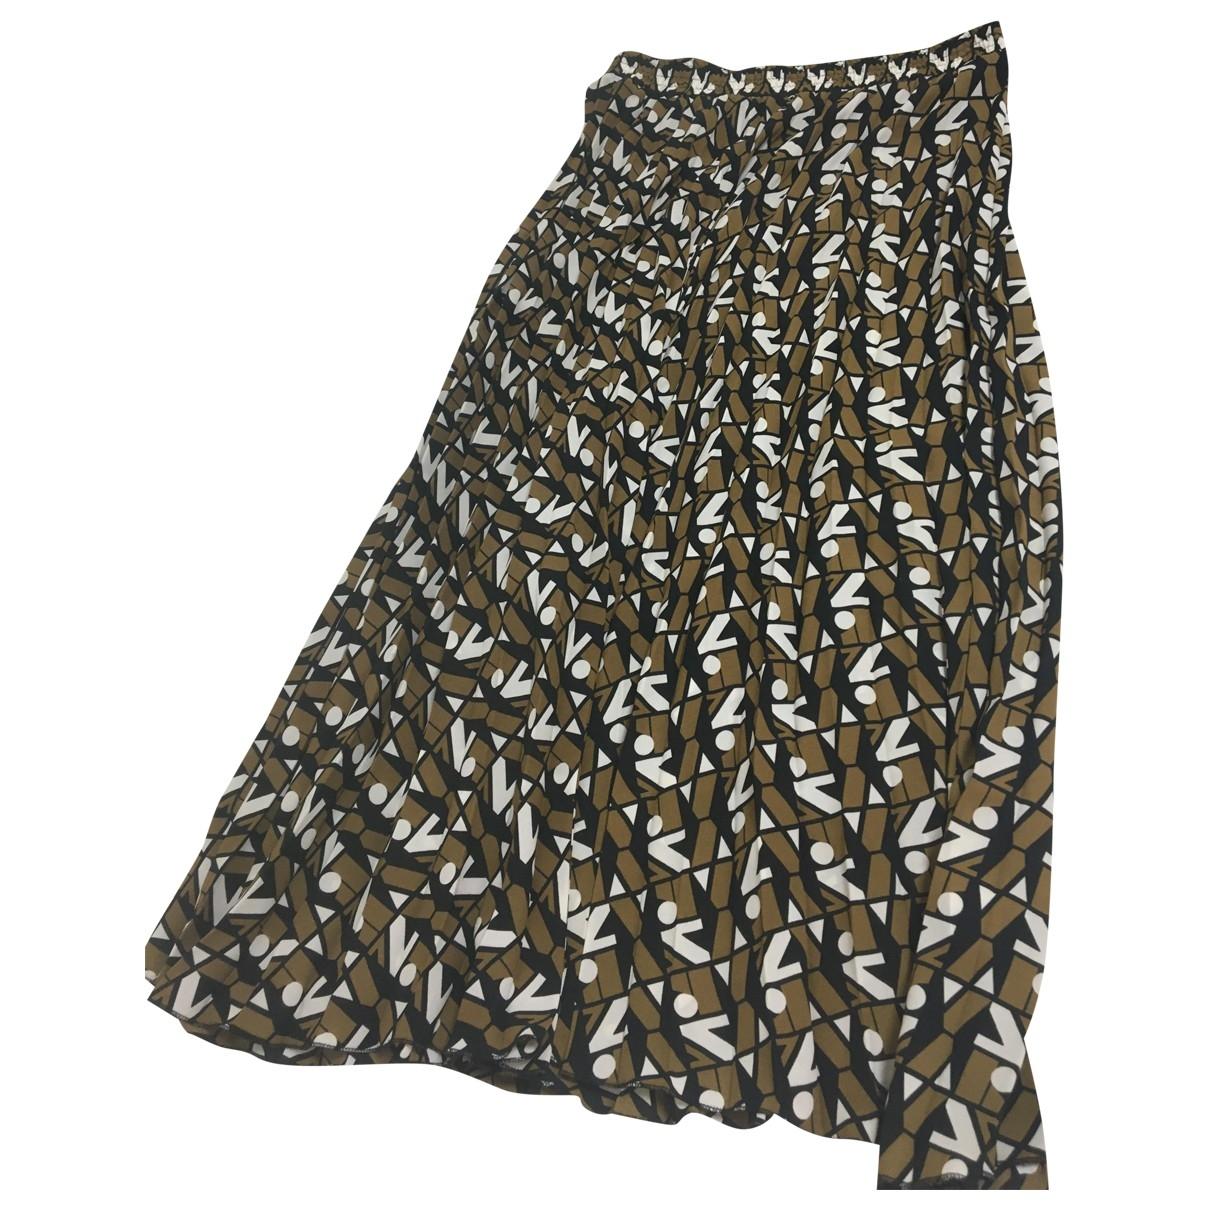 Zara \N skirt for Women M International